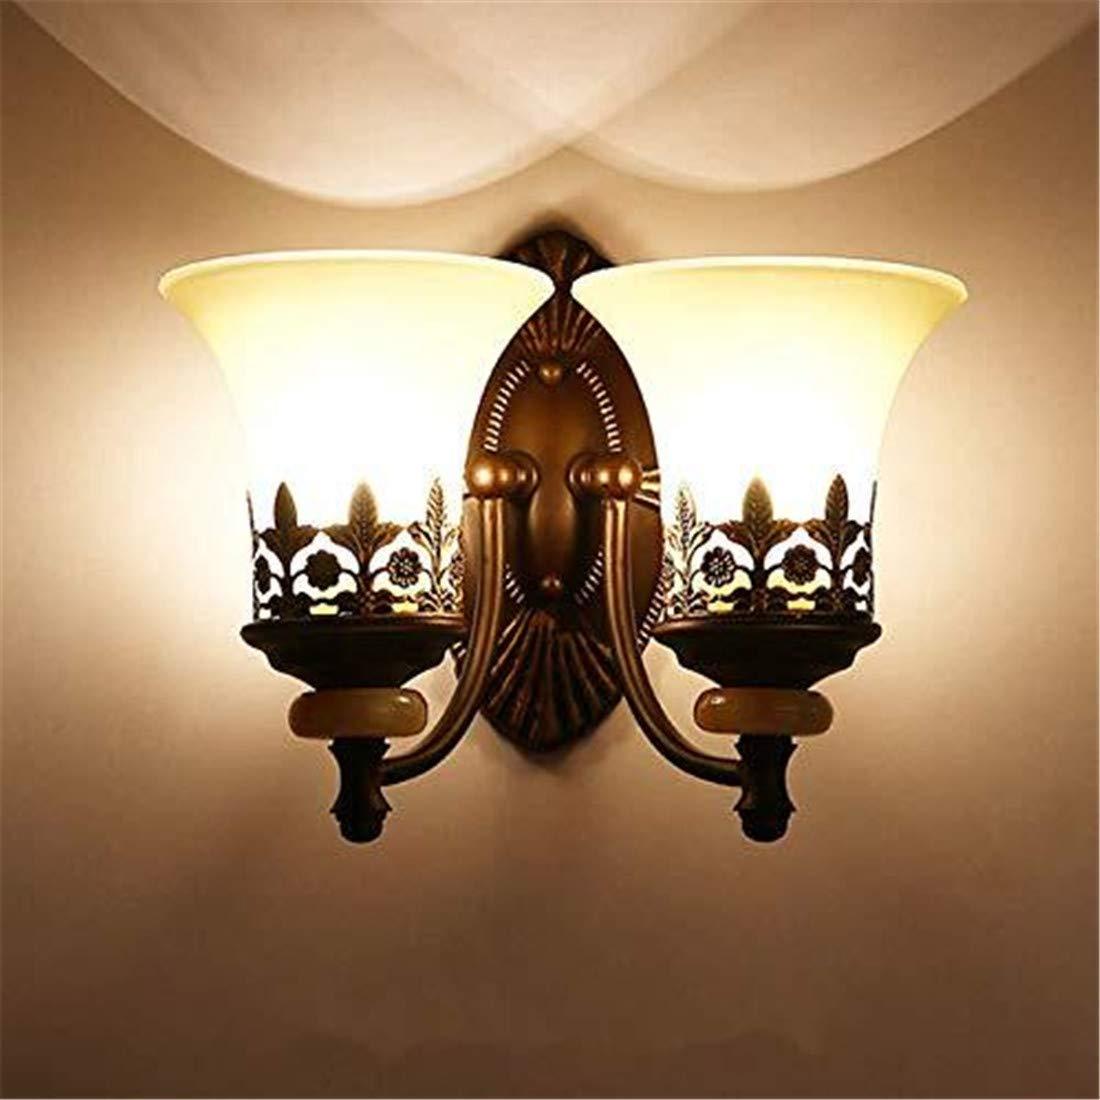 Kunst-Lampen Retrohängelampe Deckenleuchte Perfekt Für Bar Restaurant Café Wohnzimmer Schlafzimmer Flur Balkon, Doppelter Kopf, Warmes Licht [Energieklasse A +++]